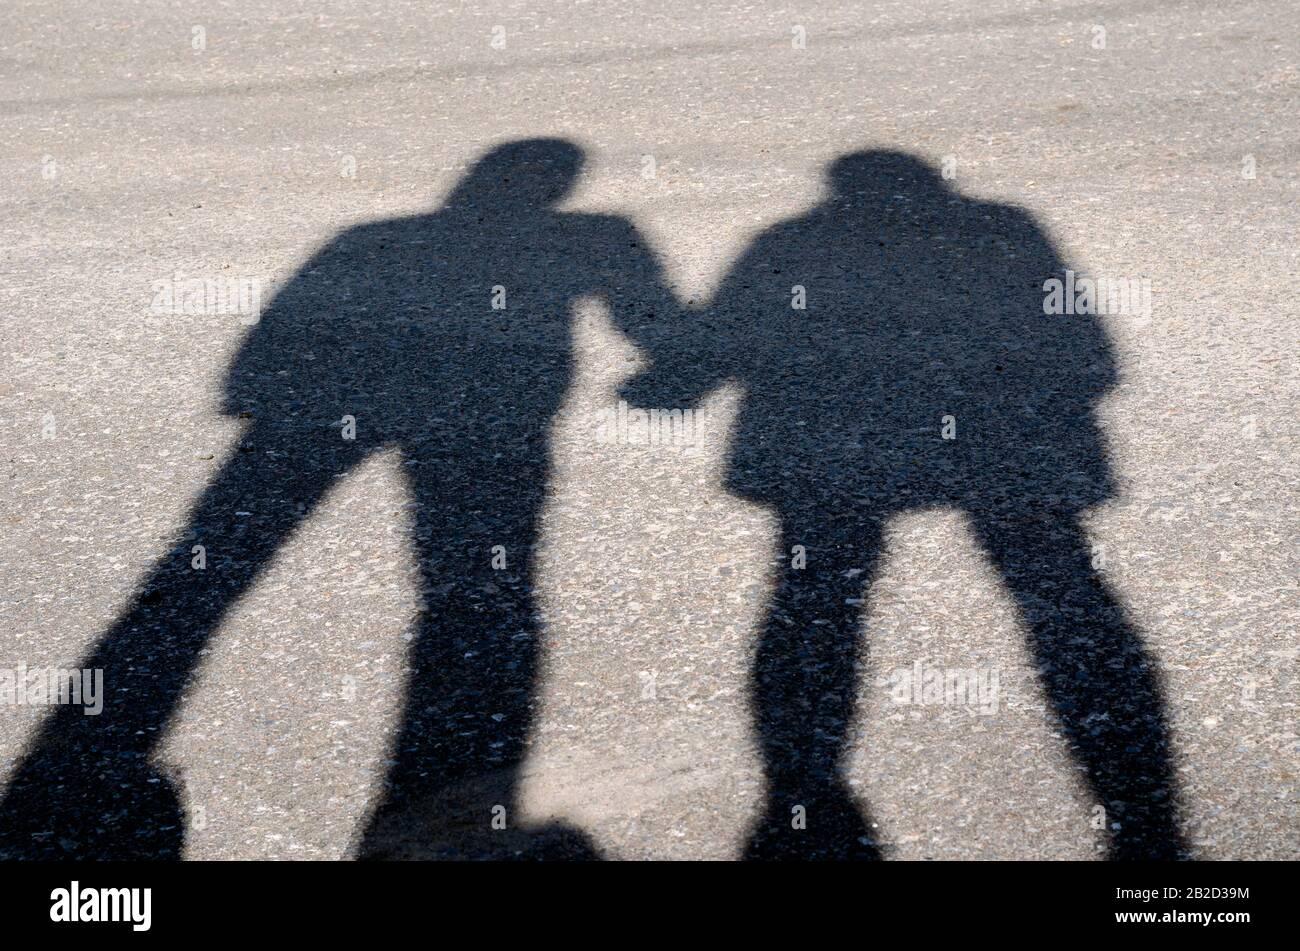 Serie de siluetas de jóvenes amantes. Serie 1. La sombra de los amantes de la mano al atardecer. Un chico y una niña están de pie cerca sosteniendo las manos. Sh Foto de stock